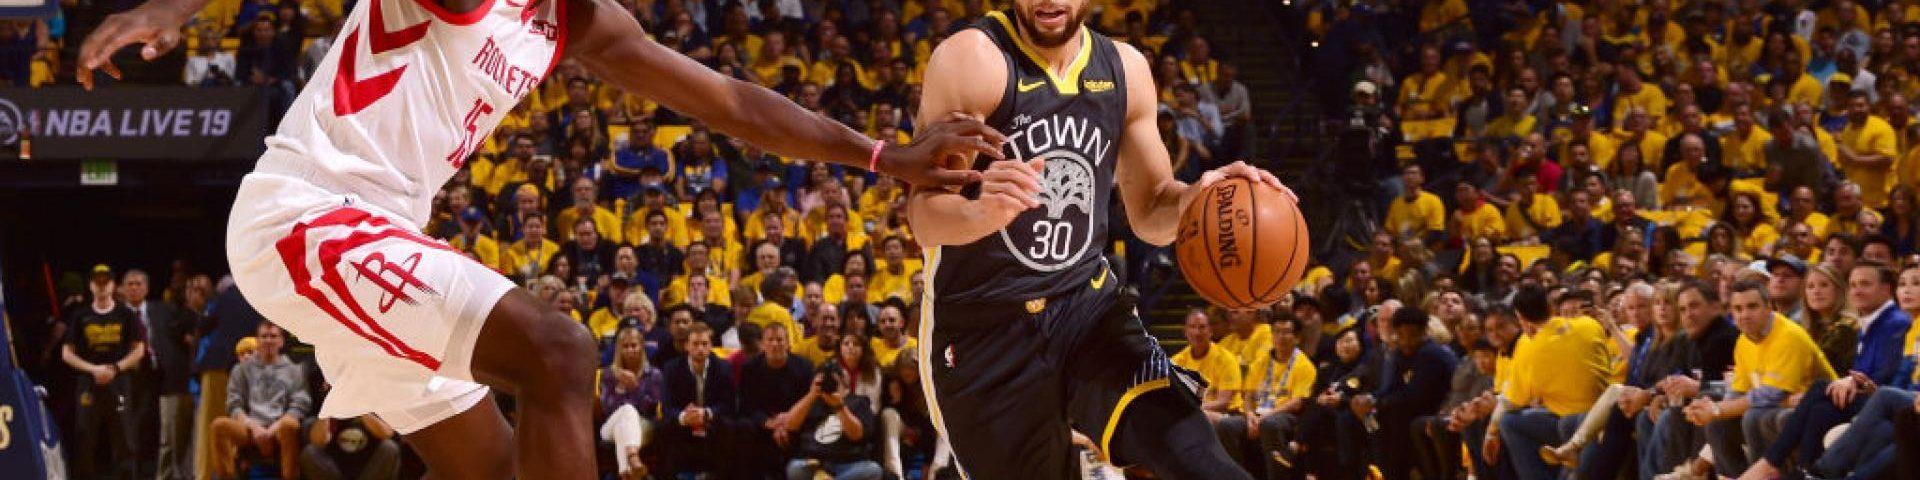 NBA, regole non scritte nella pallacanestro